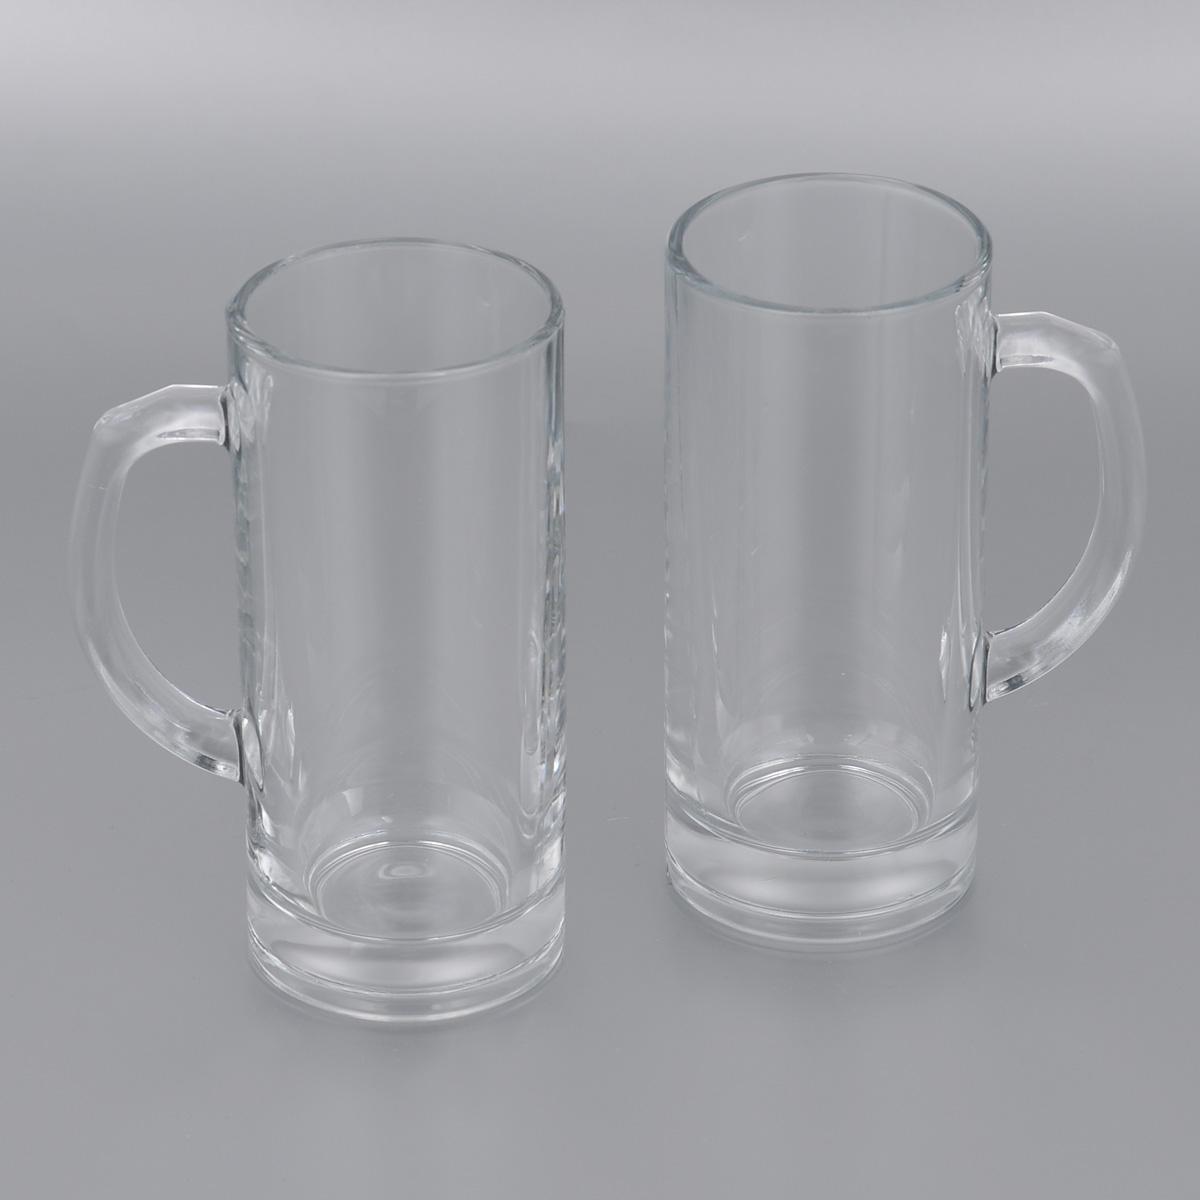 Набор пивных кружек Pasabahce Pub, 380 мл, 2 шт. 55439B55439BНабор Pasabahce Pub состоит из двух пивных кружек, выполненных из прочного натрий-кальций-силикатного стекла. Кружки оснащены удобными ручками и утолщенным дном. Такой набор прекрасно подойдет для любителей пенного напитка. Можно мыть в посудомоечной машине и использовать в микроволновой печи. Высота кружки: 16,5 см. Диаметр кружки (по верхнему краю): 7 см. 380 мл